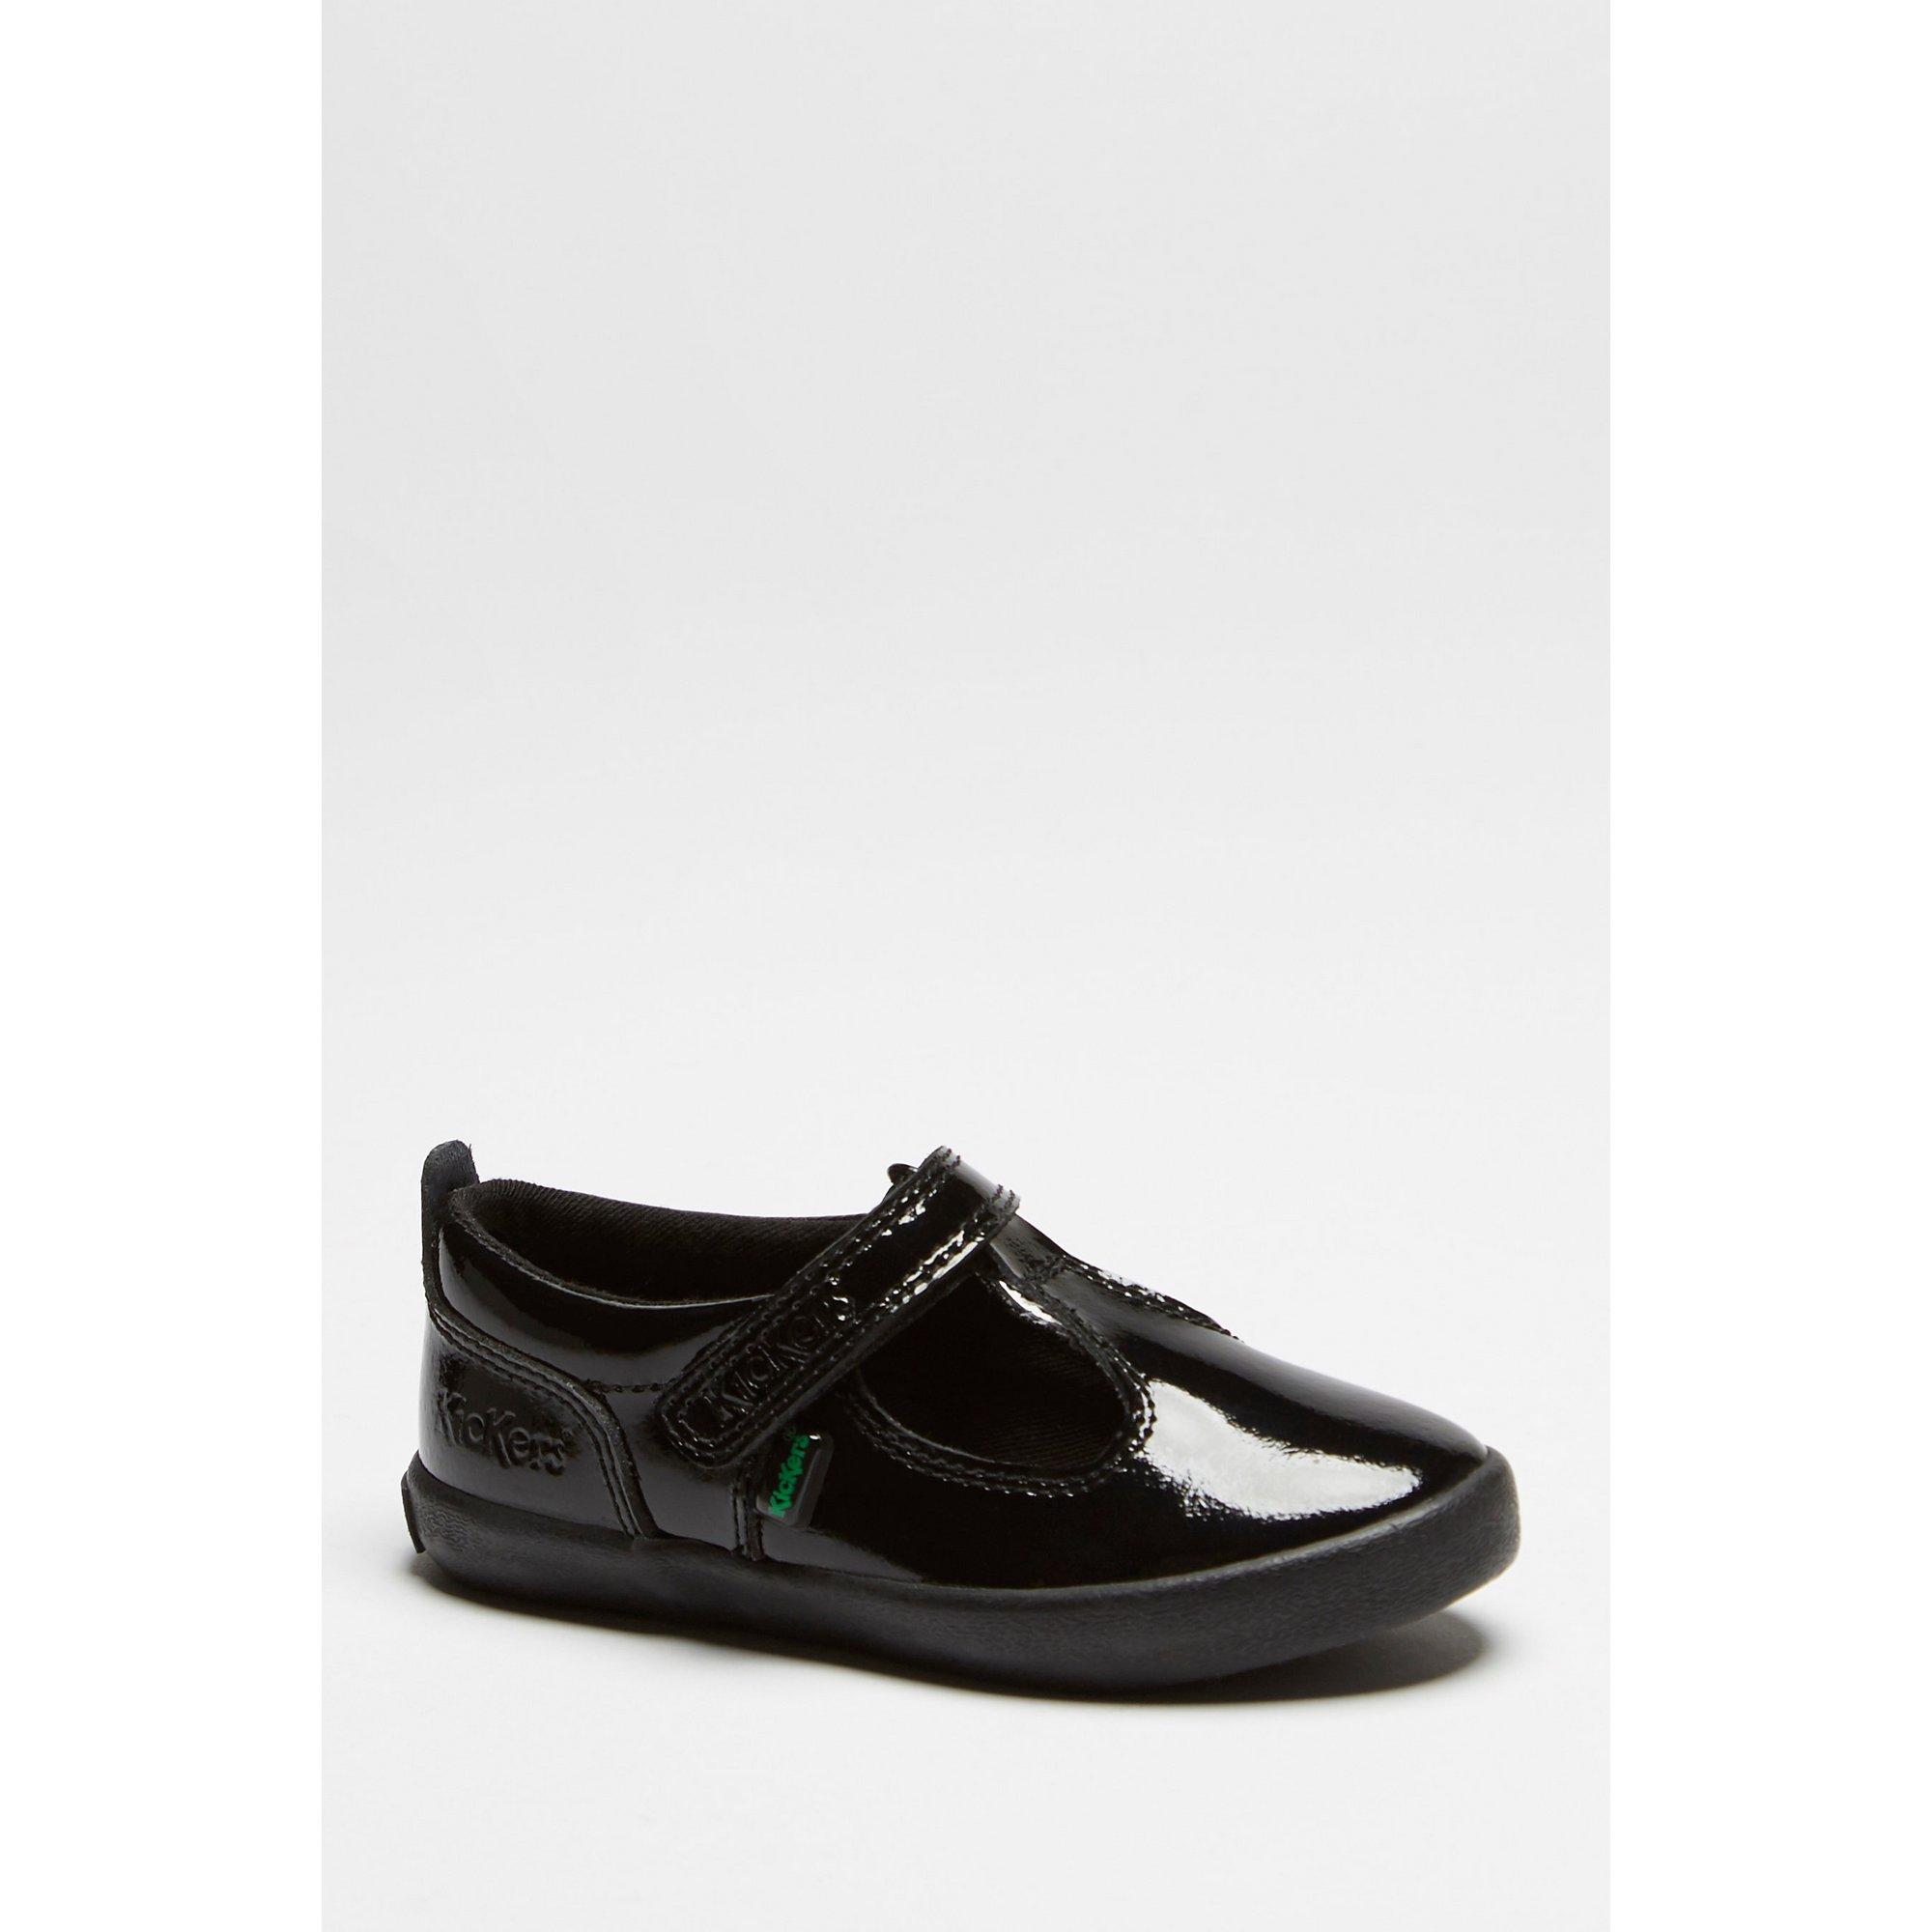 Image of Girls Kickers Kariko T-Strap Shoes